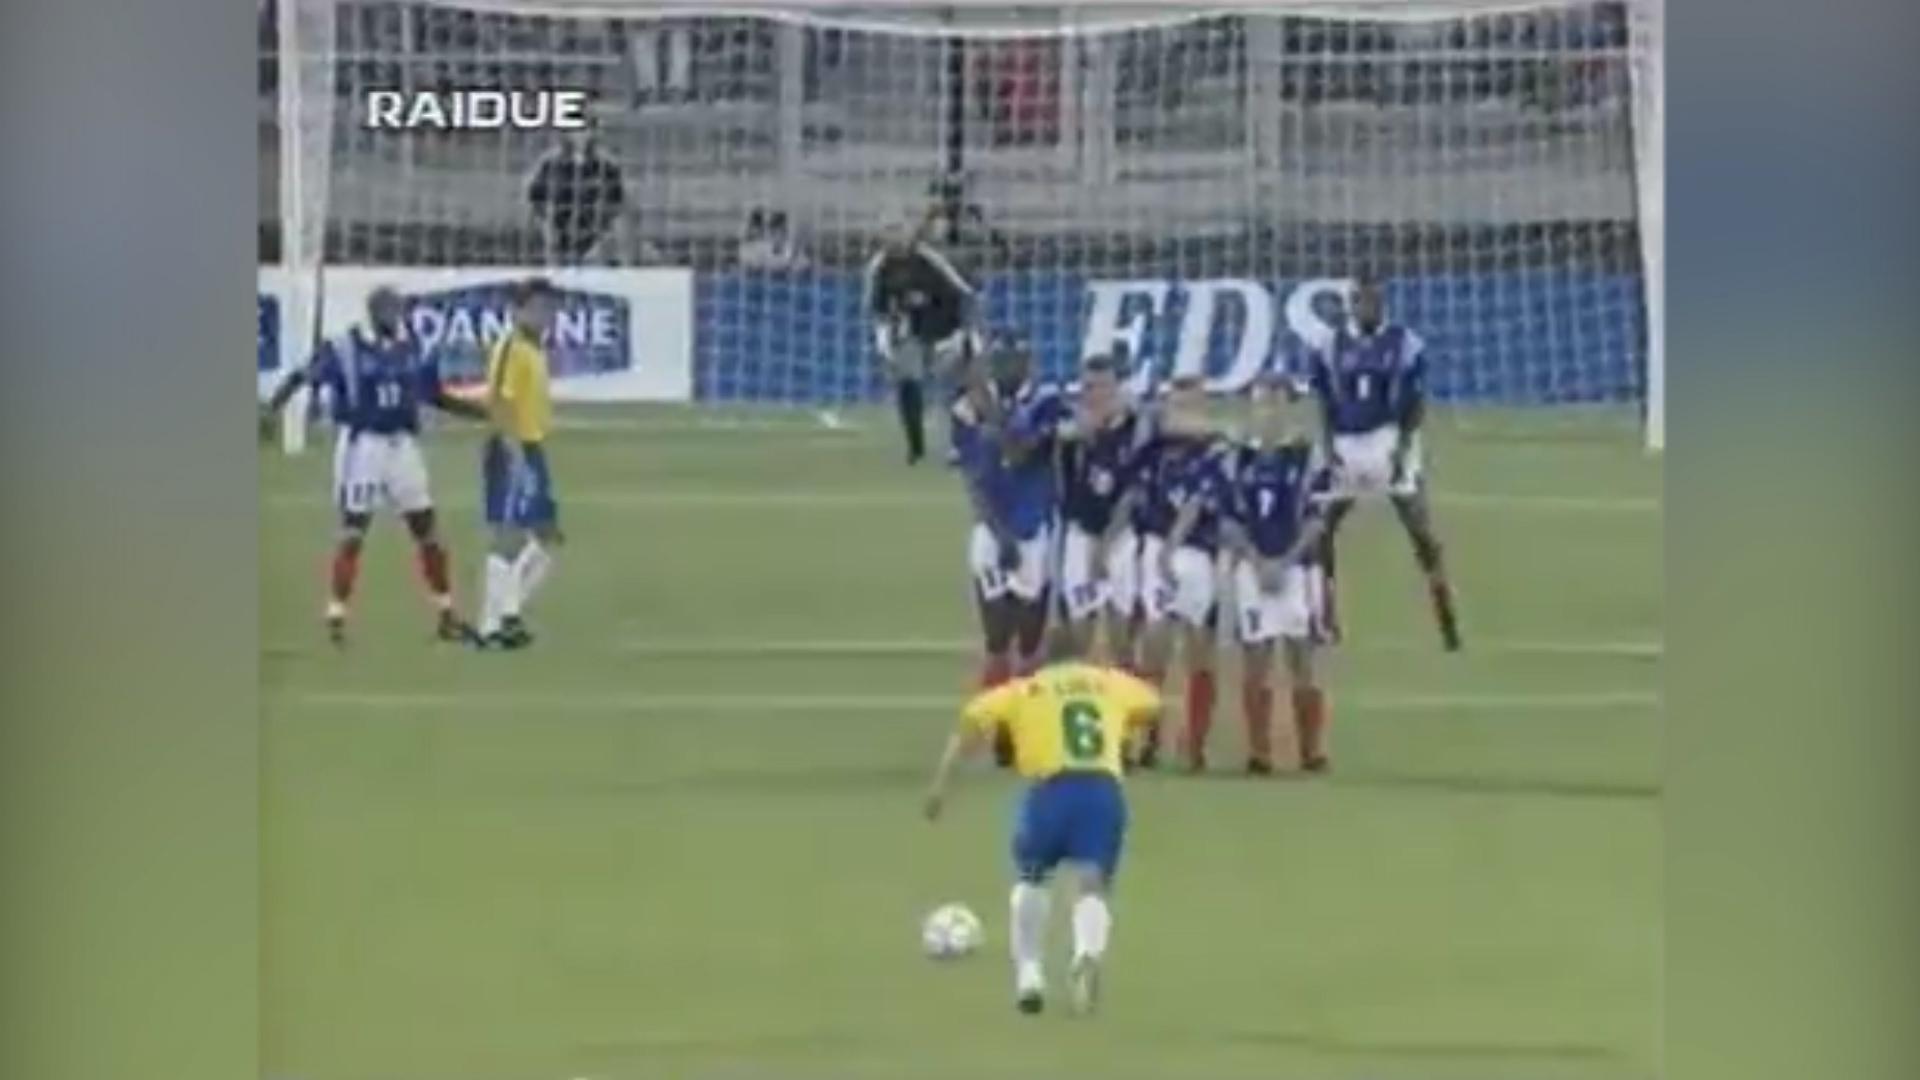 La inesperada confesión de Roberto Carlos sobre el mejor gol de su carrera  - Infobae c9346045f34b1